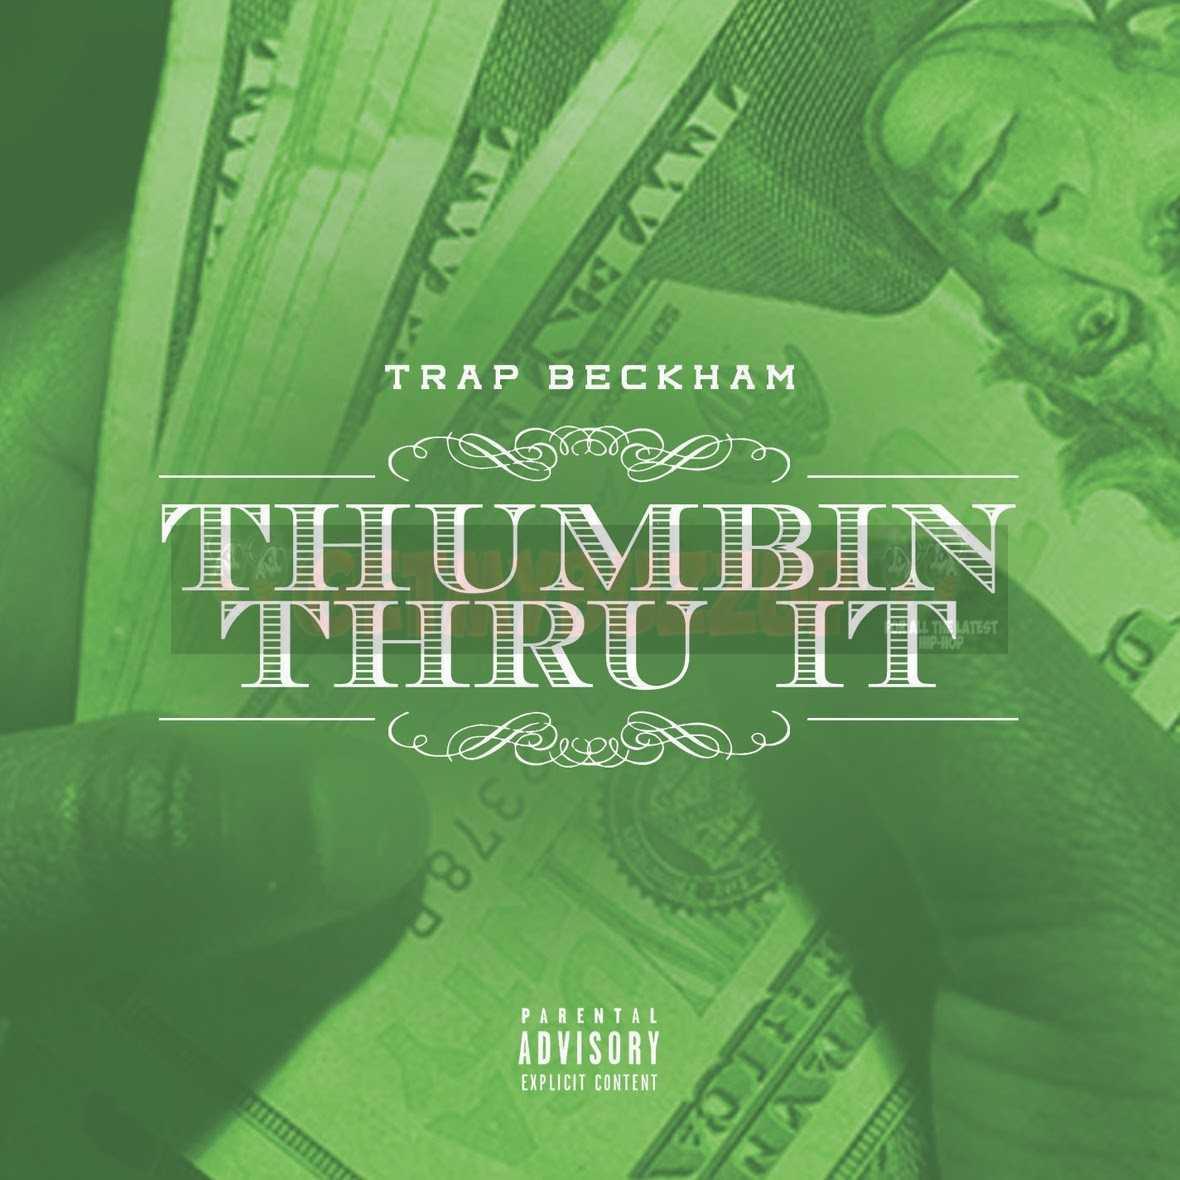 Trap Beckham